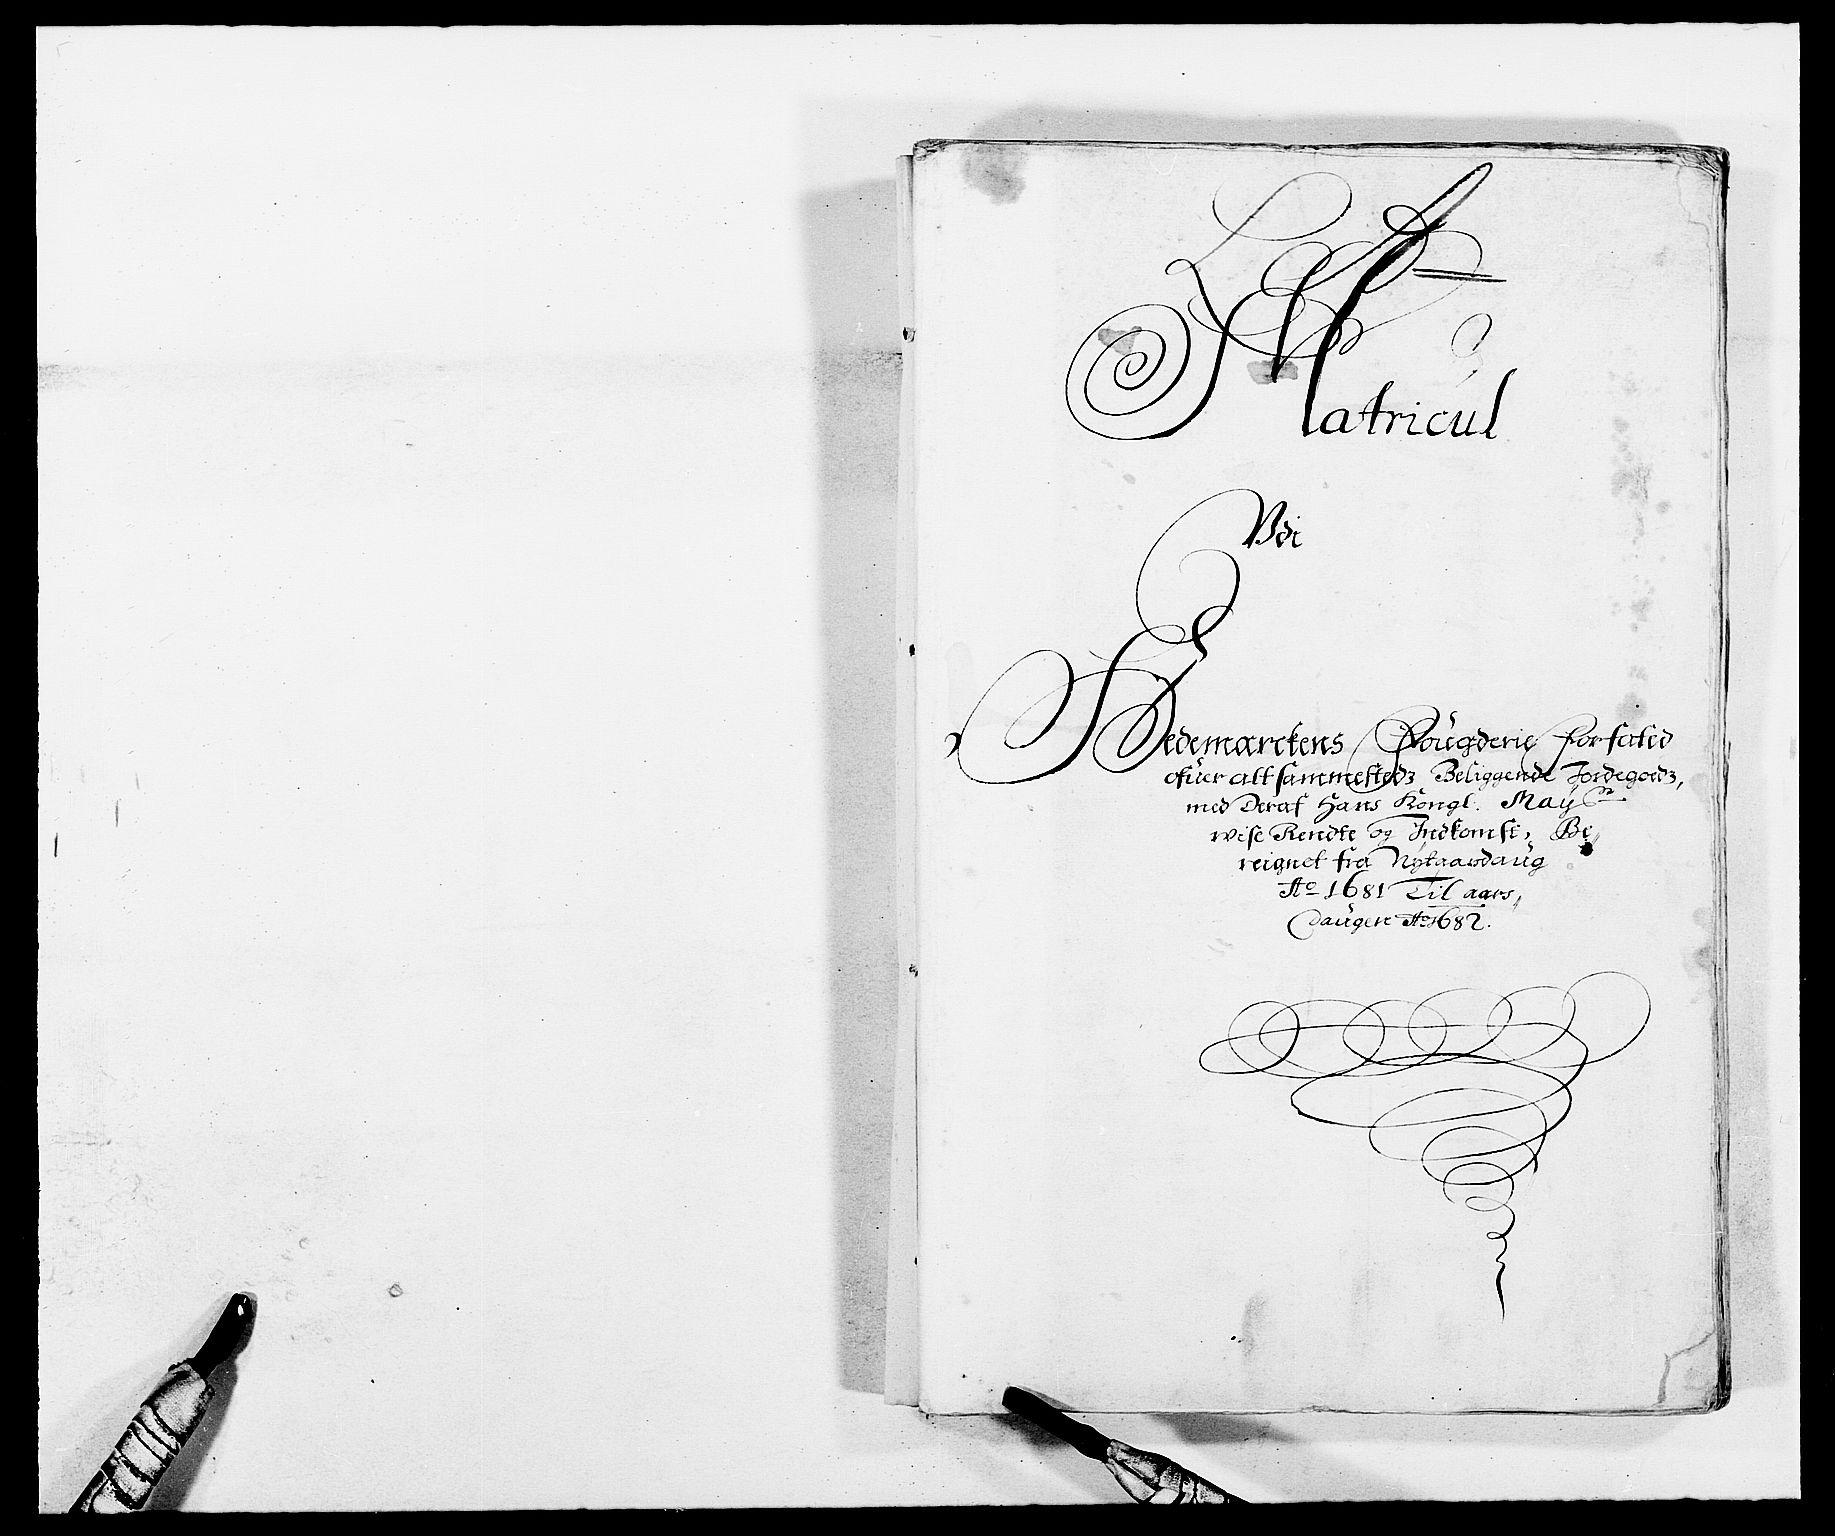 RA, Rentekammeret inntil 1814, Reviderte regnskaper, Fogderegnskap, R16/L1021: Fogderegnskap Hedmark, 1681, s. 10